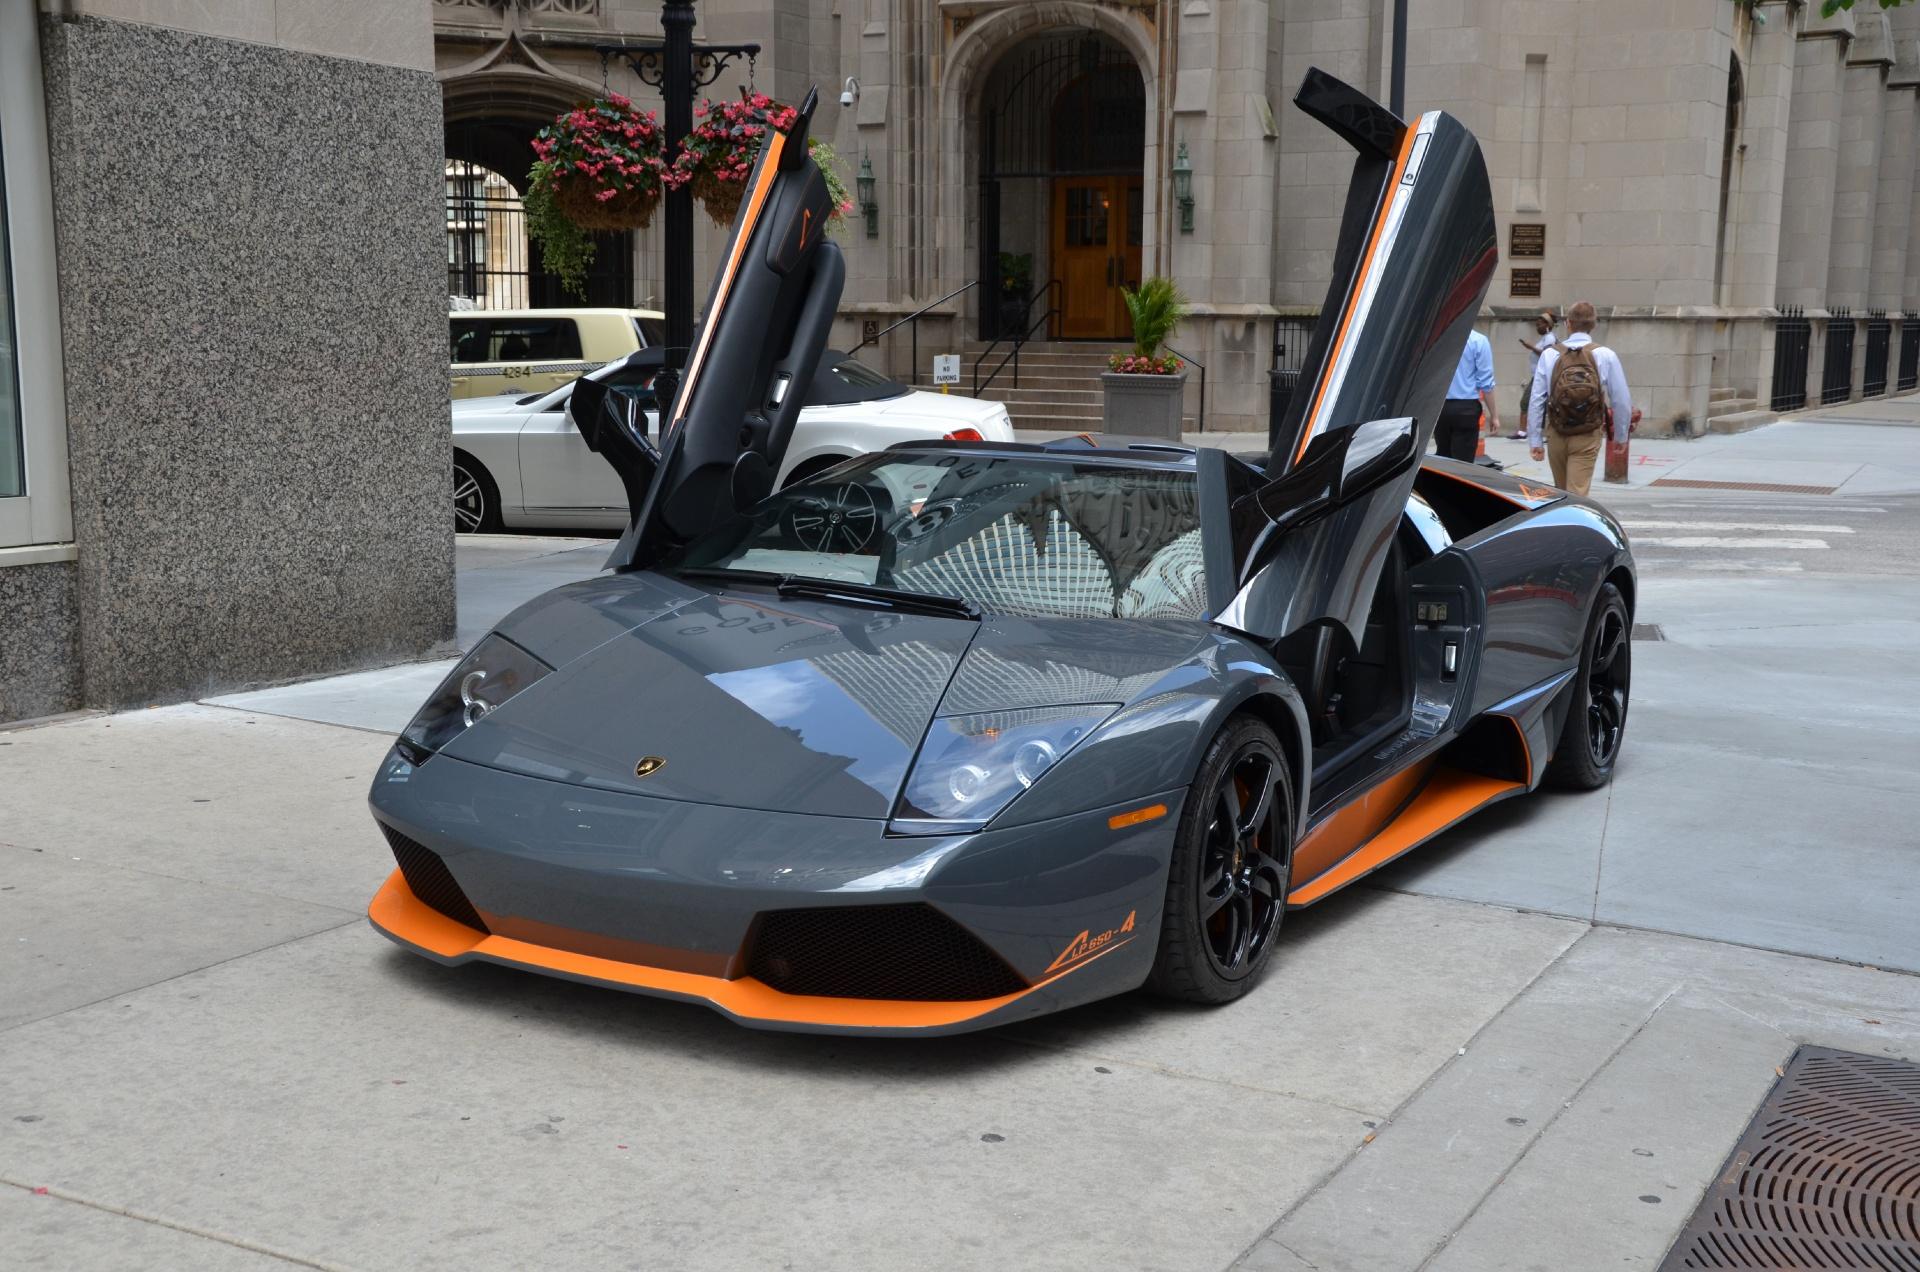 Lamborghini Murcielago Lp640 4 Konitono